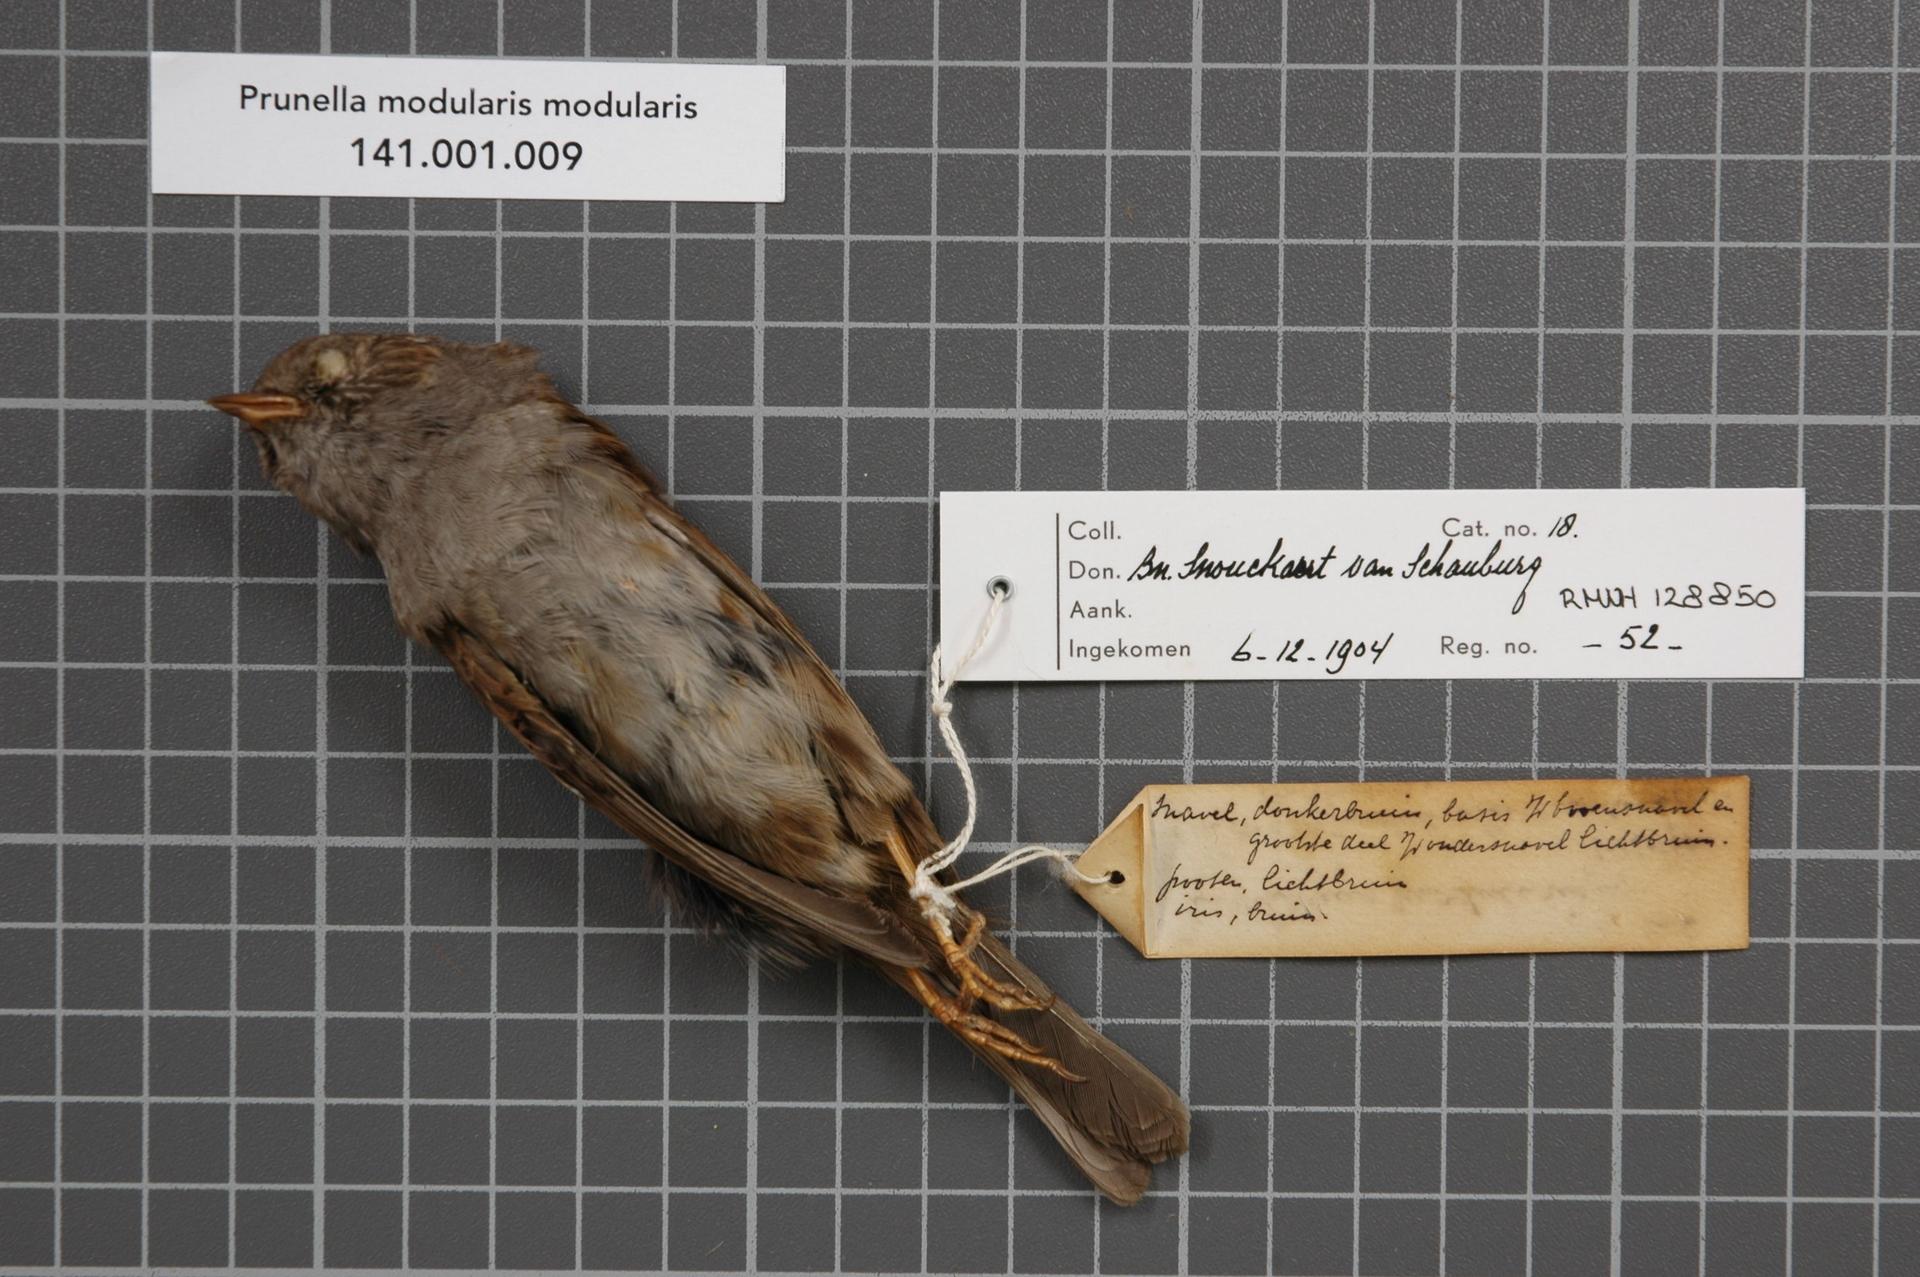 RMNH.AVES.128850   Prunella modularis modularis (Linnaeus, 1758)